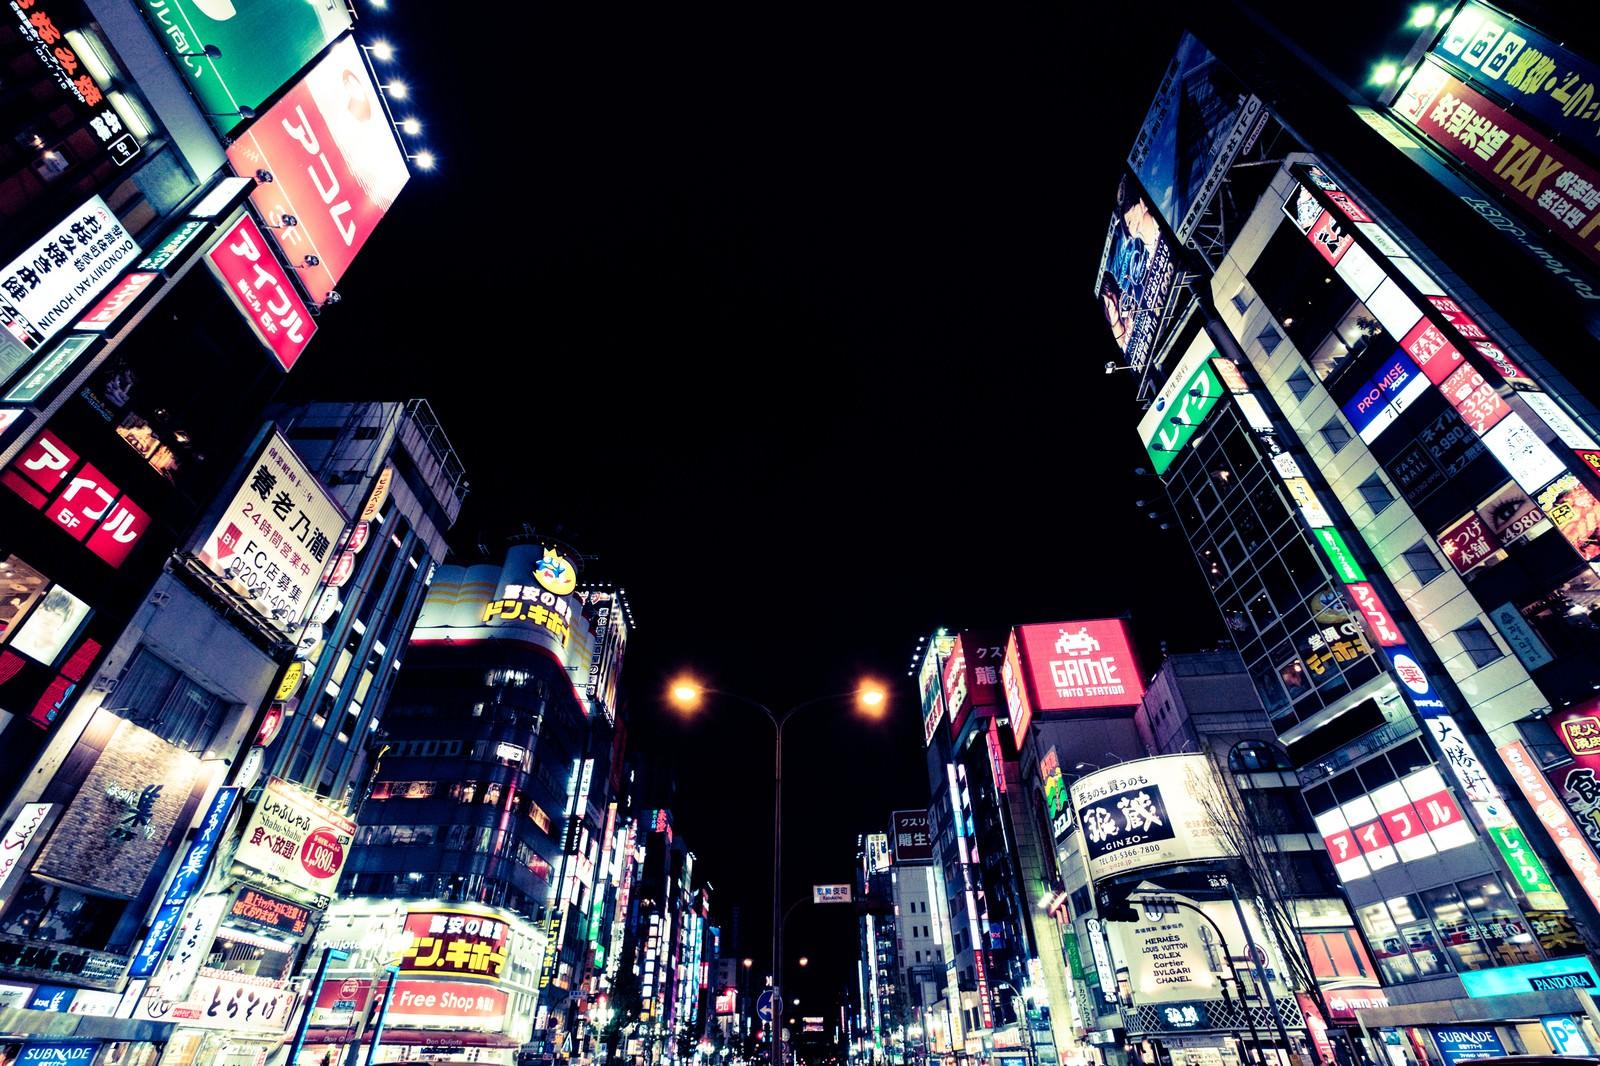 KAZUKIHIRO81013_TP_V 夜遅くでも大丈夫!! スマホでお困りの事なら当店にお任せ下さい♪